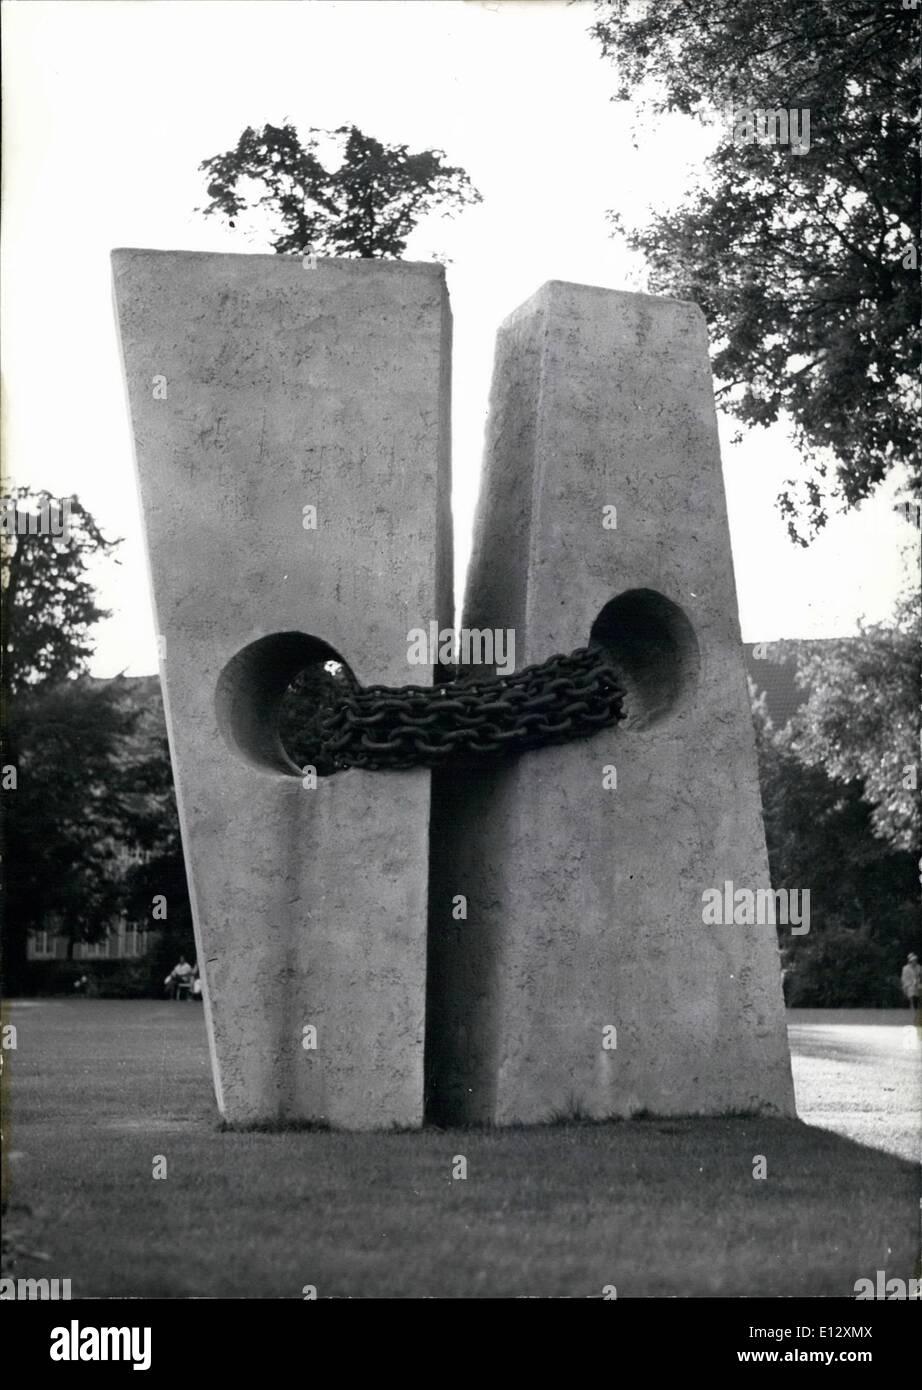 Febrero 26, 2012 - Monumento exigiendo la unidad alemana. Este monumento de pie en Münster (Westfalia, Alemania Septentrional) exige la unidad de Alemania. La escultura muestra dos rocas de hormigón unidos por cadenas de hierro, simbolizando la parted en Alemania. Se hizo bajo la cooperación de la Escuela de Arte de Munster. Munich Keystone, 14-8-61 Foto de stock